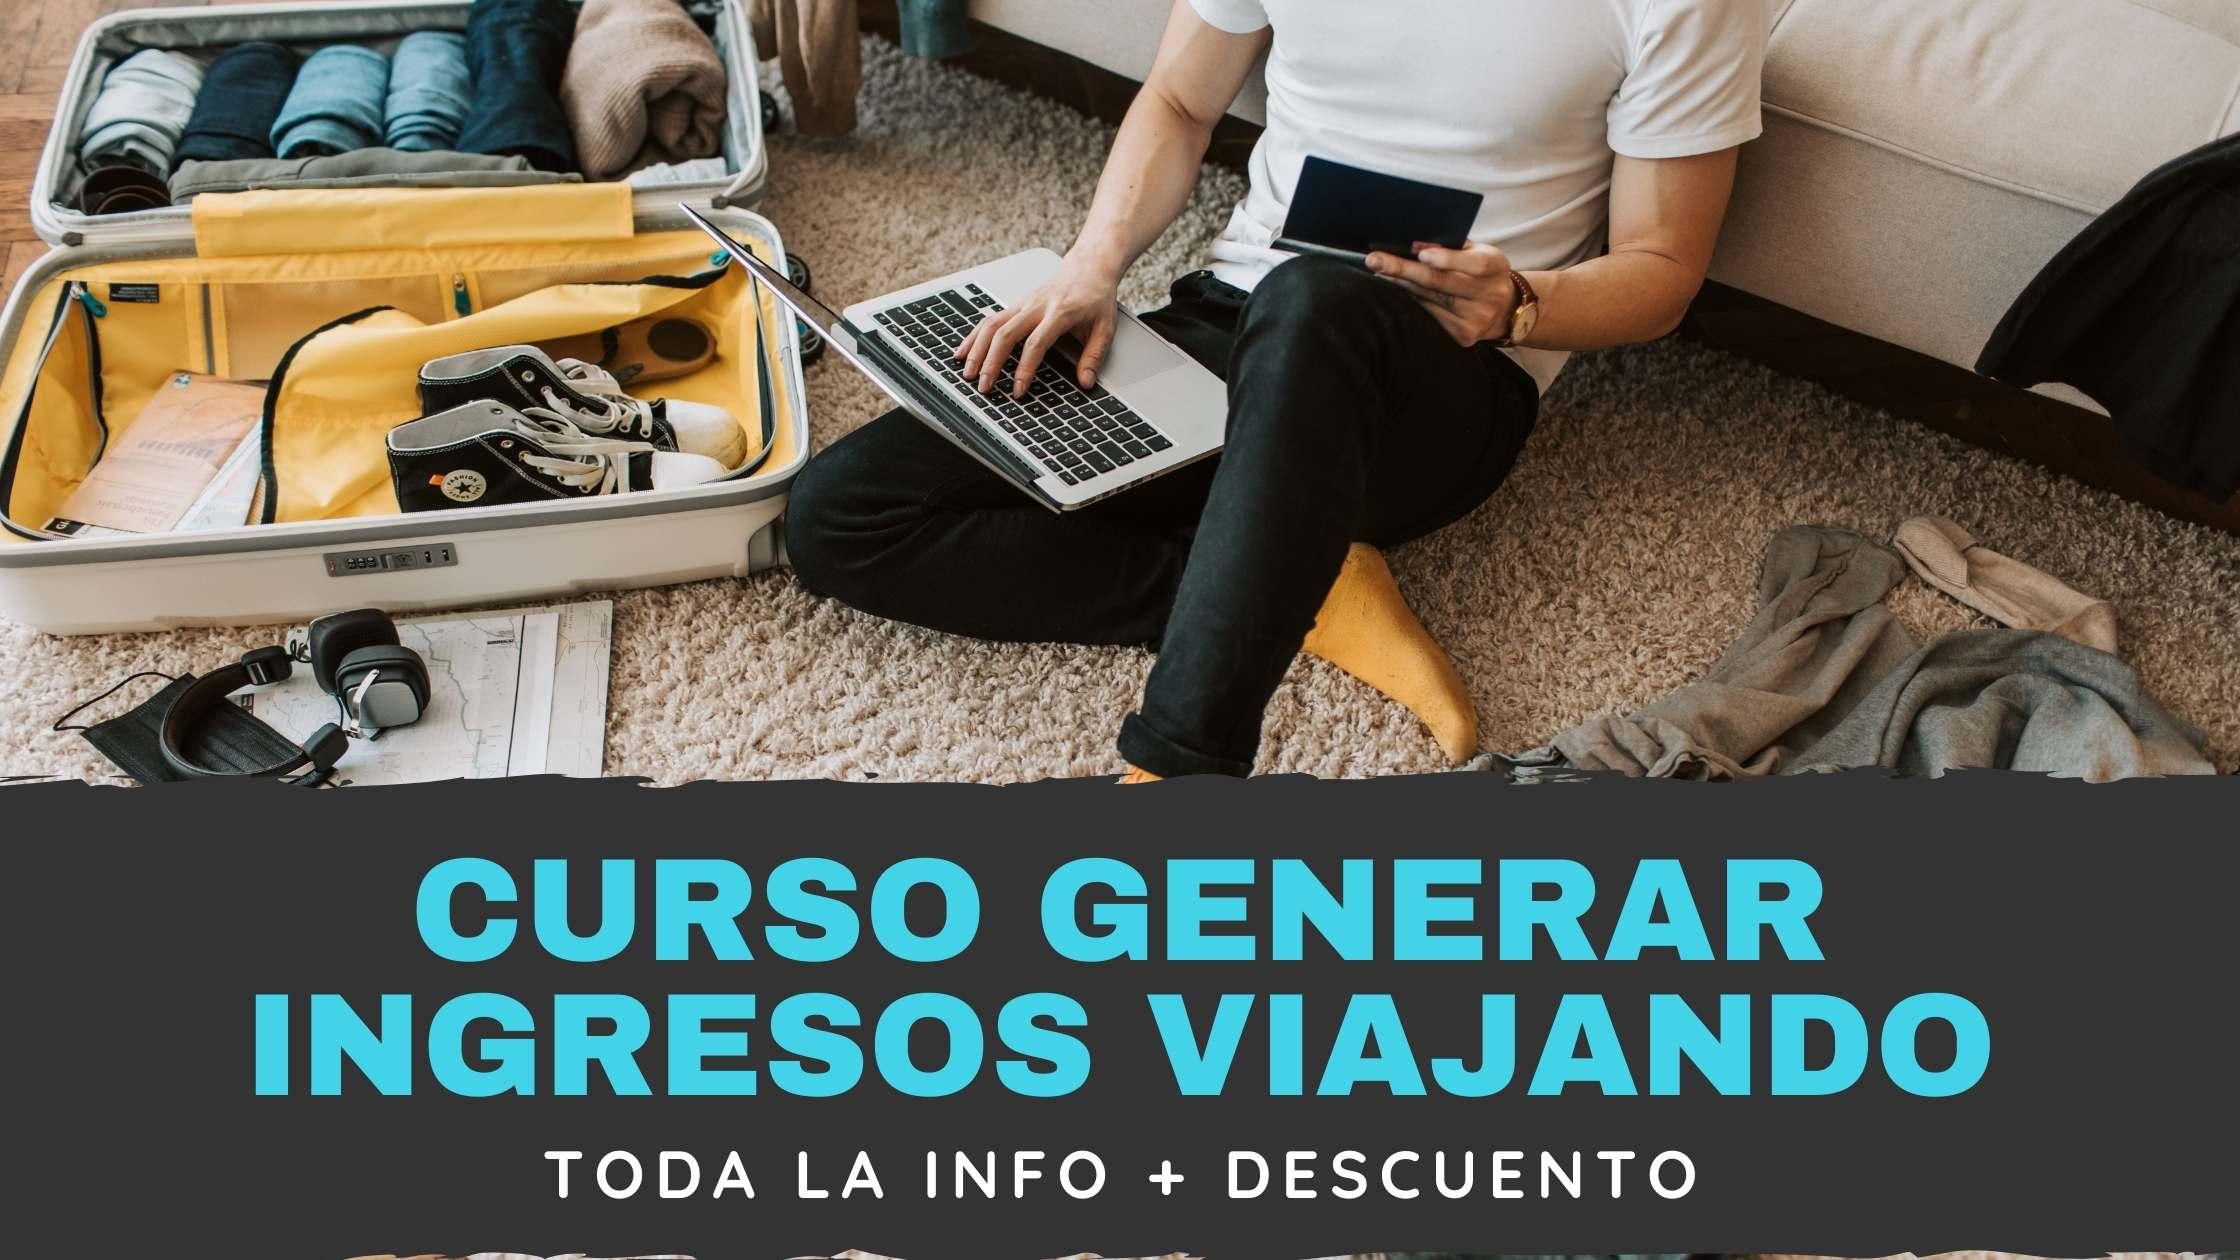 curso generar ingresos online info descuento